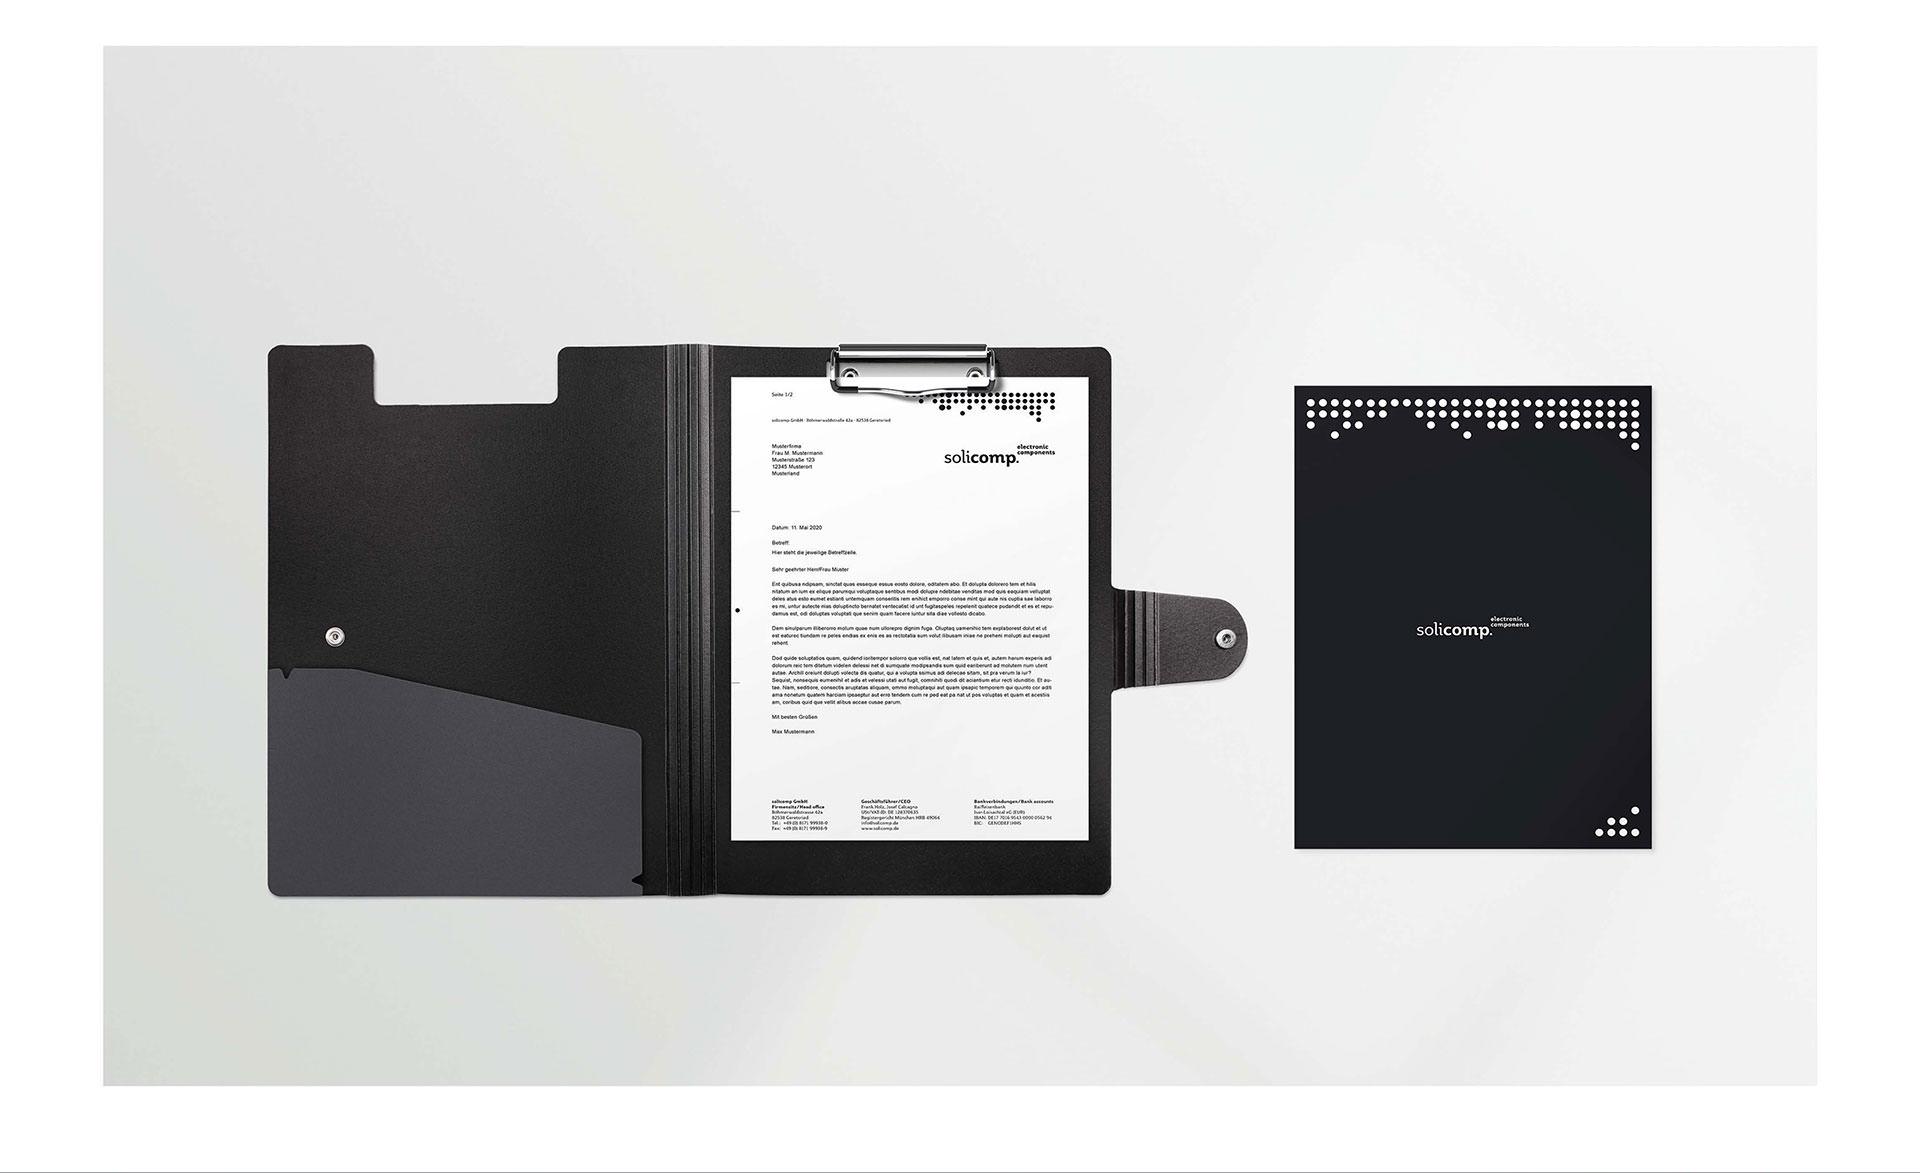 Solicomp – Markenkonzept und Printdesign